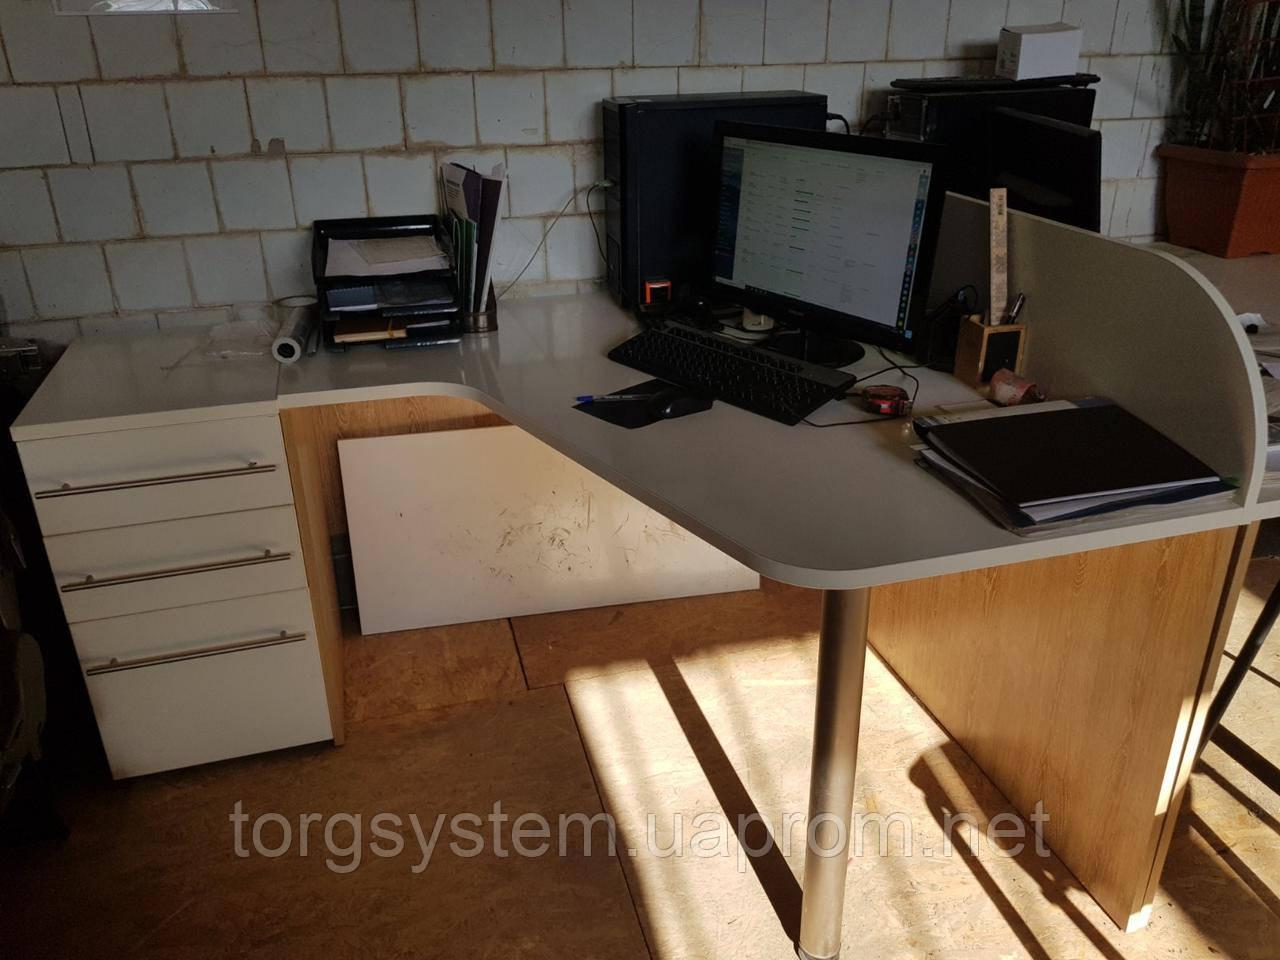 Стіл офісний кутовий 1350х1200, б/у